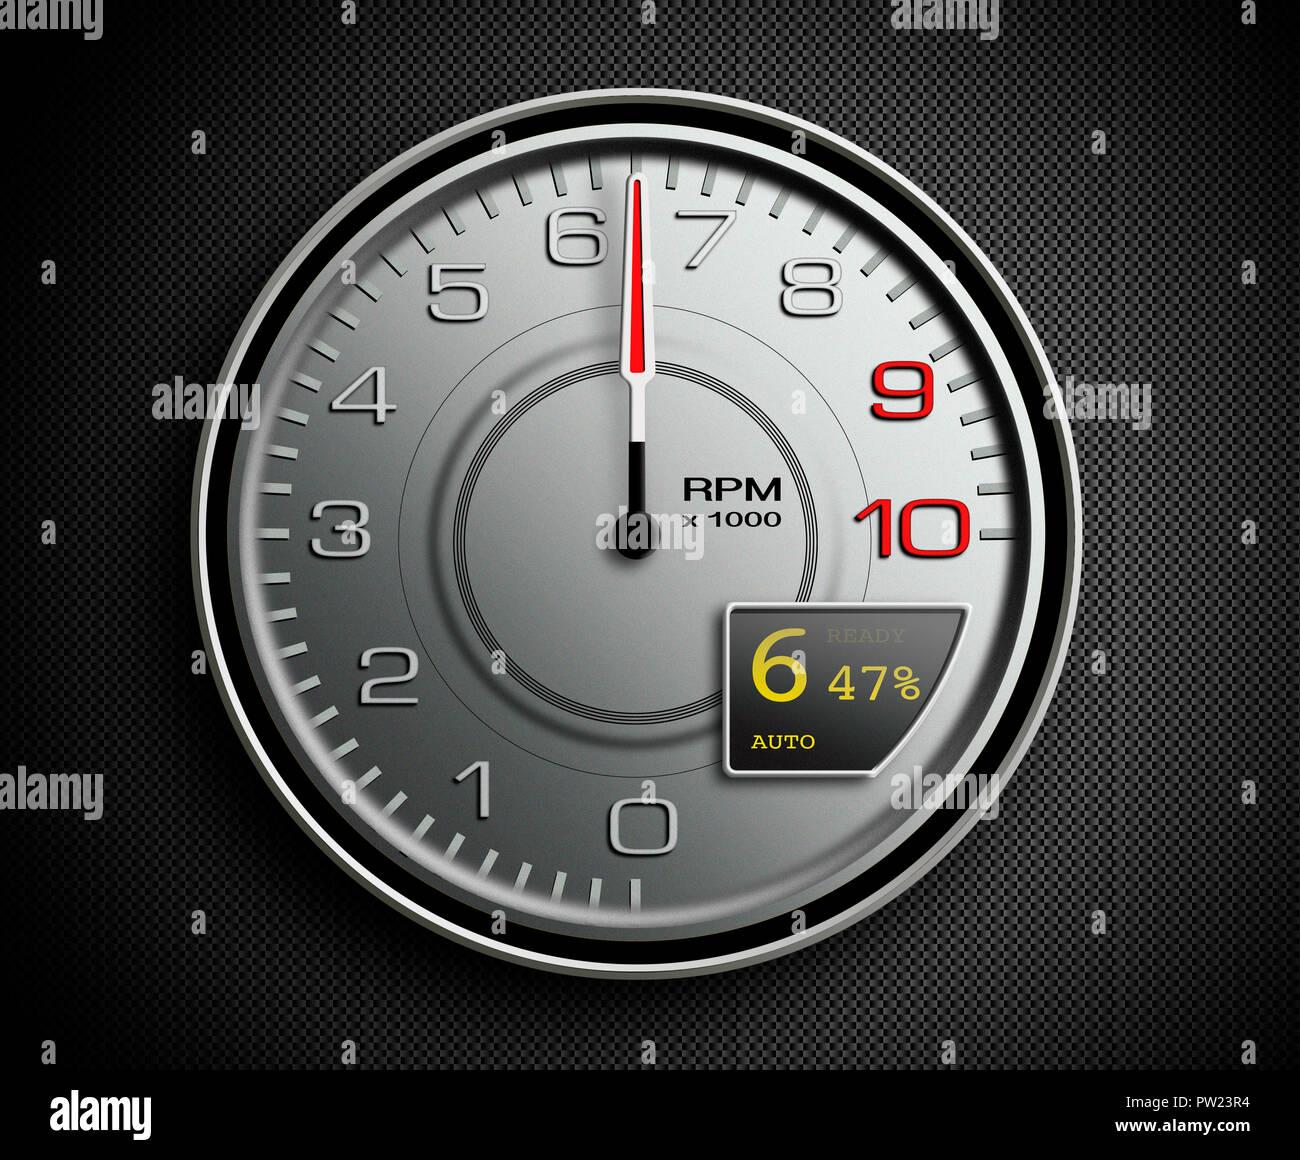 Ein silbernes Auto U/min bei 6400, Sport Auto, Supersportwagen, Umdrehung pro Minute, Ferrari Stockbild